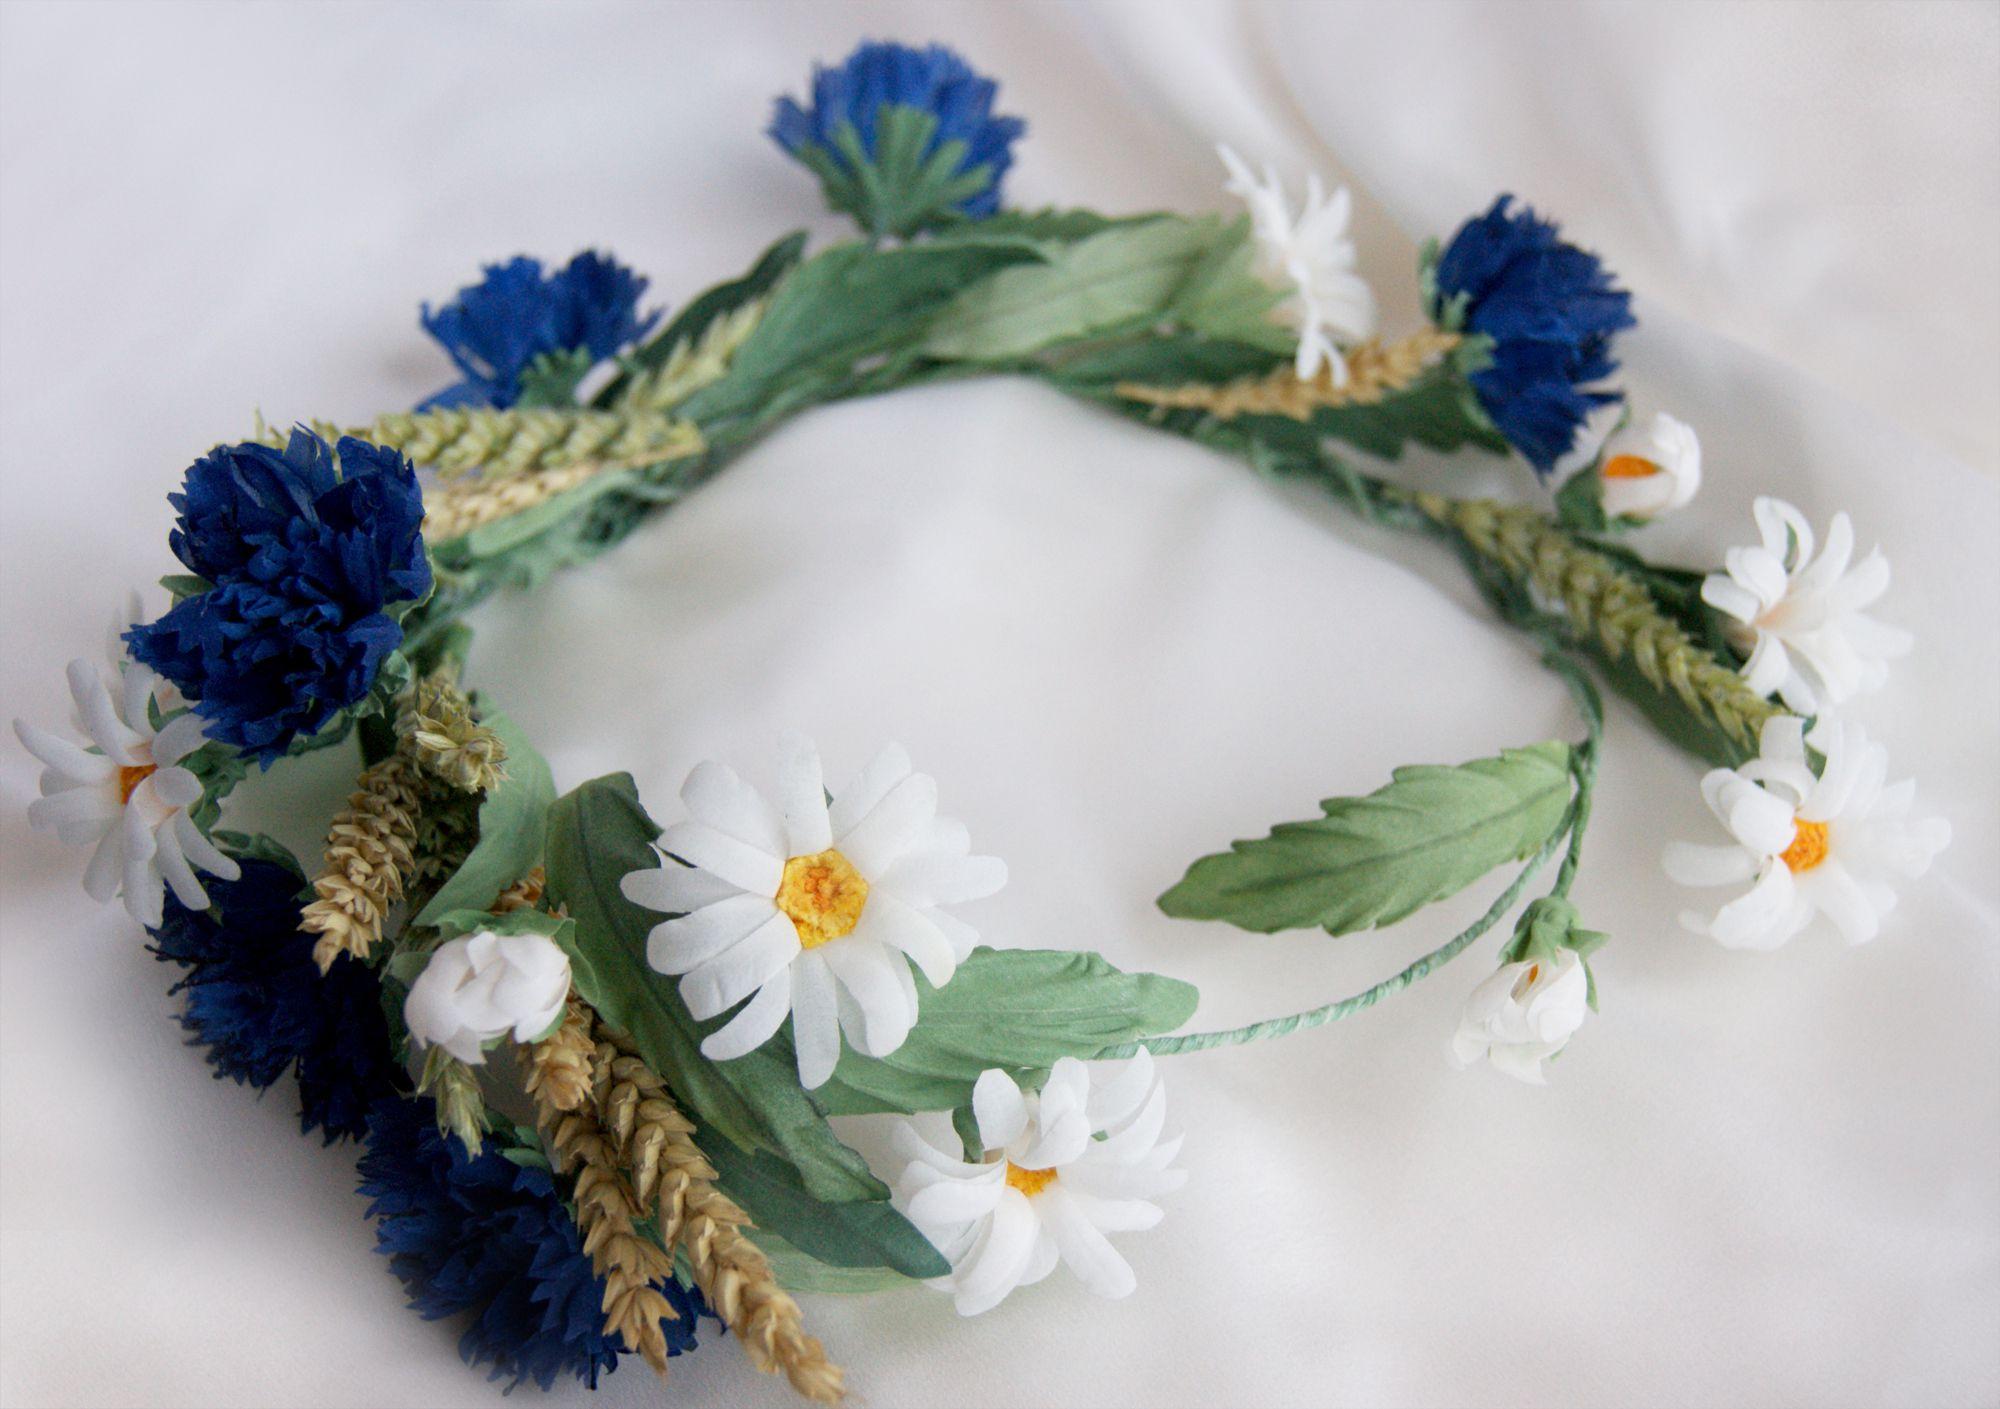 ручнаяработа украшение василек венокизцветов невеста цветыизшелка ромашка венок